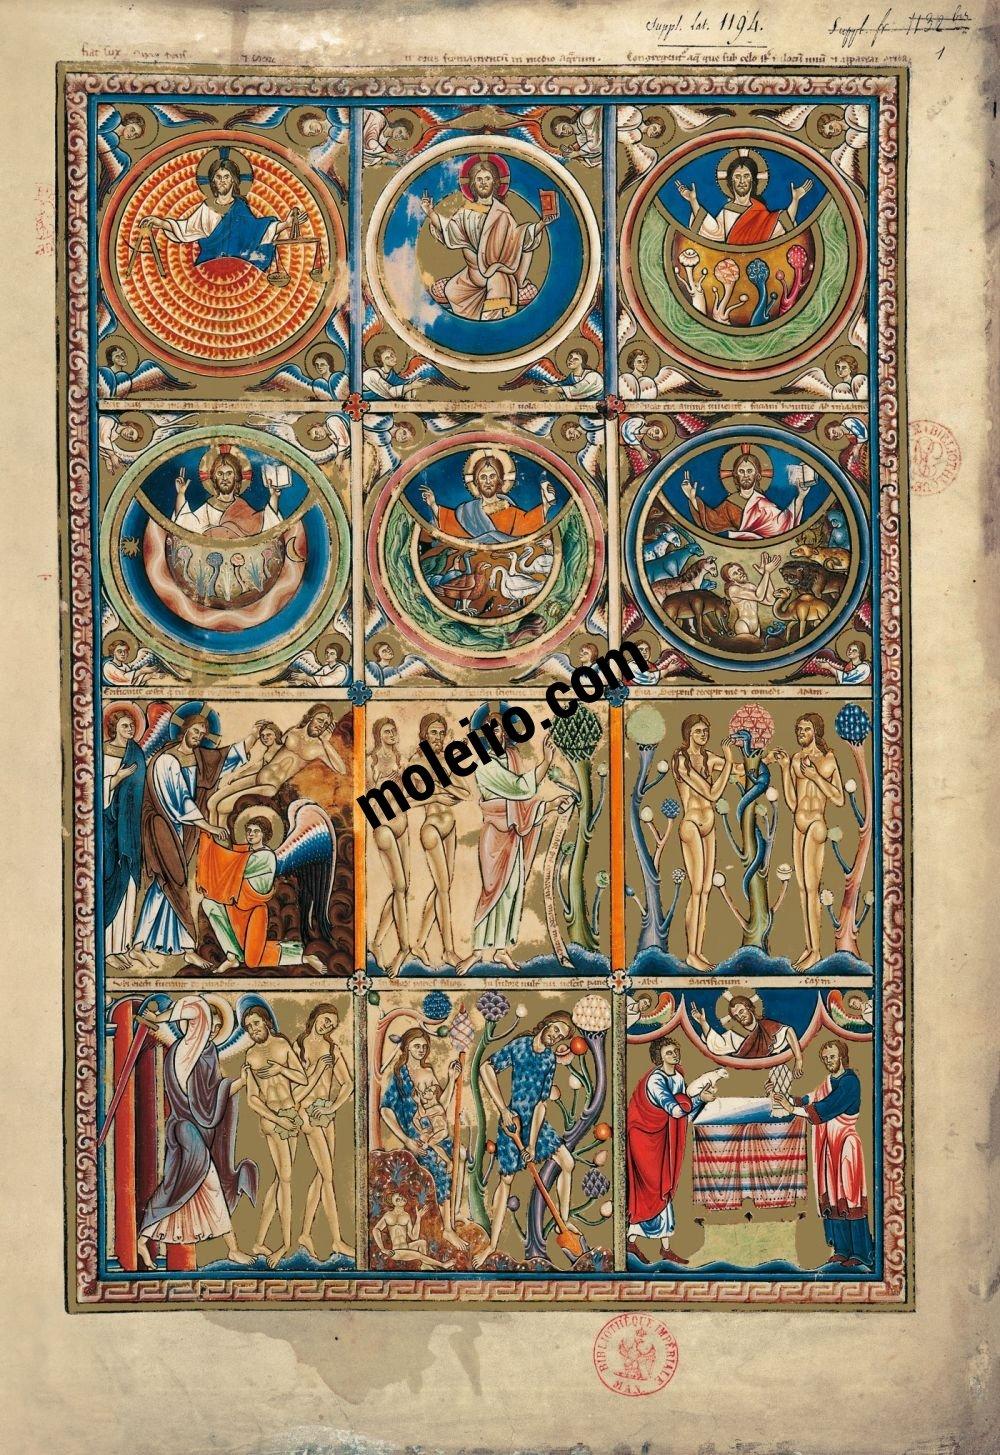 Psalterium f. 1r, Szenen der Alten Testaments: die Schöpfung